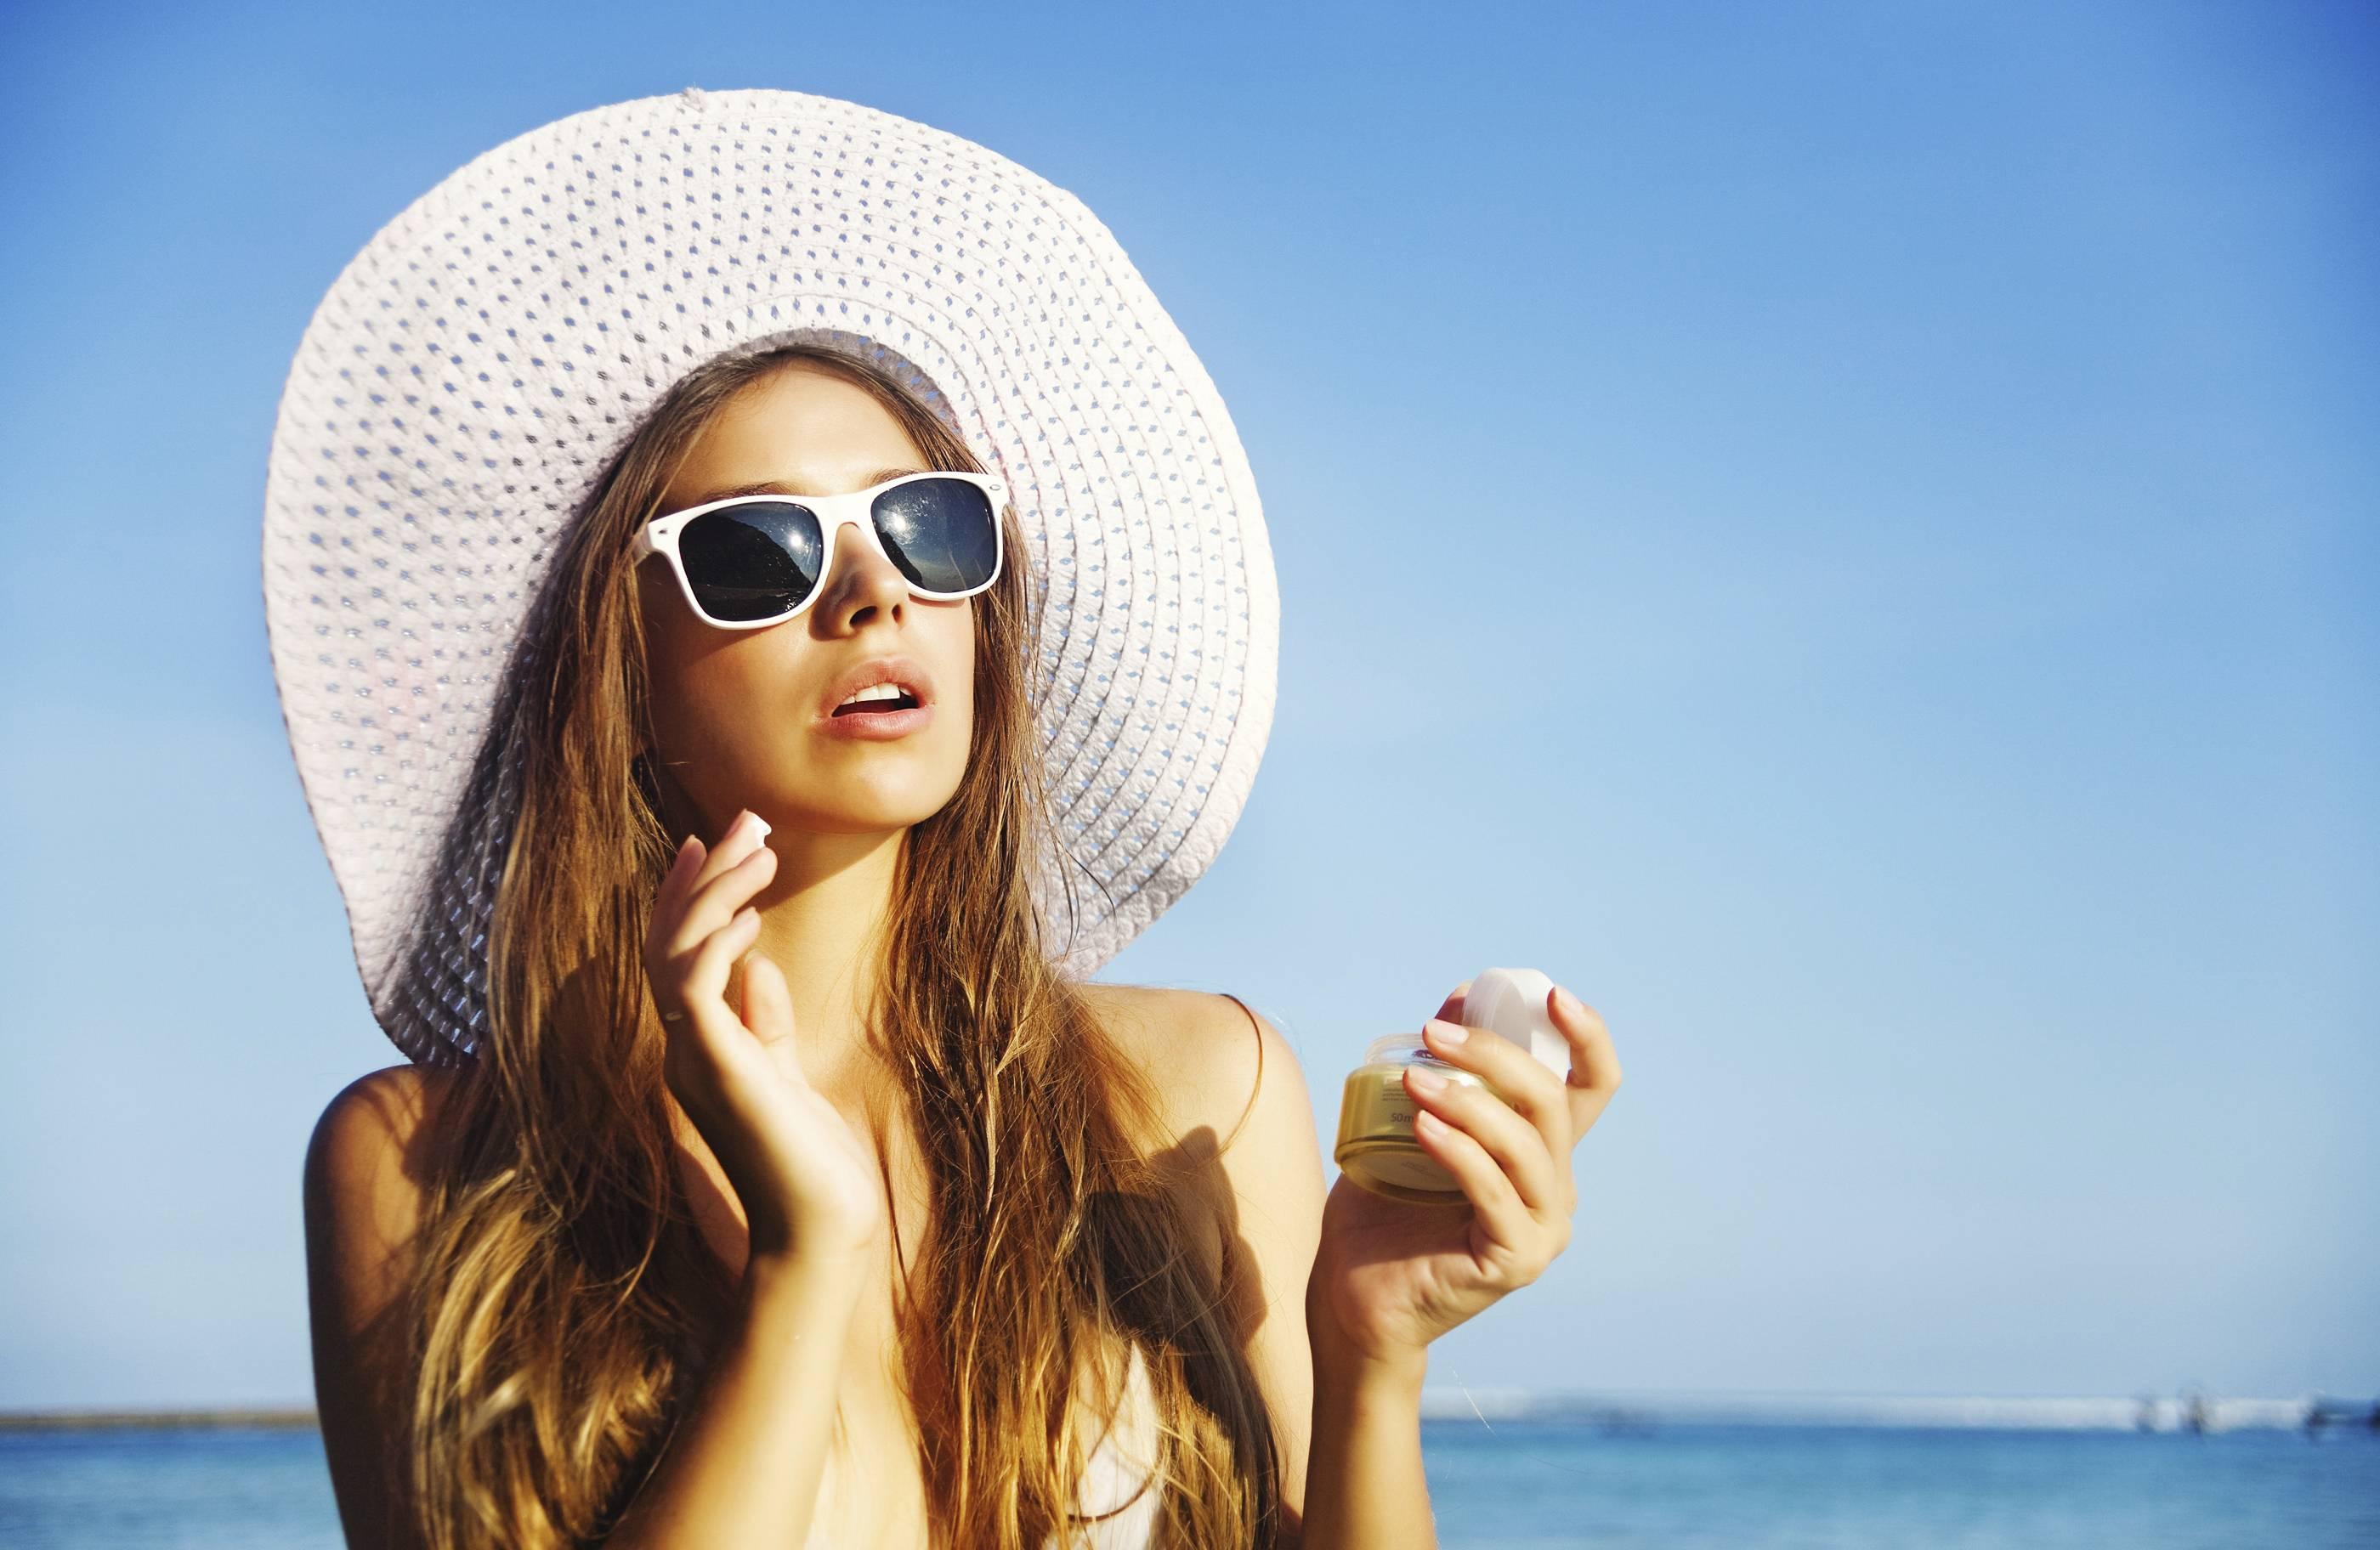 Cách duy trì làn da đẹp bằng cách chống nắng